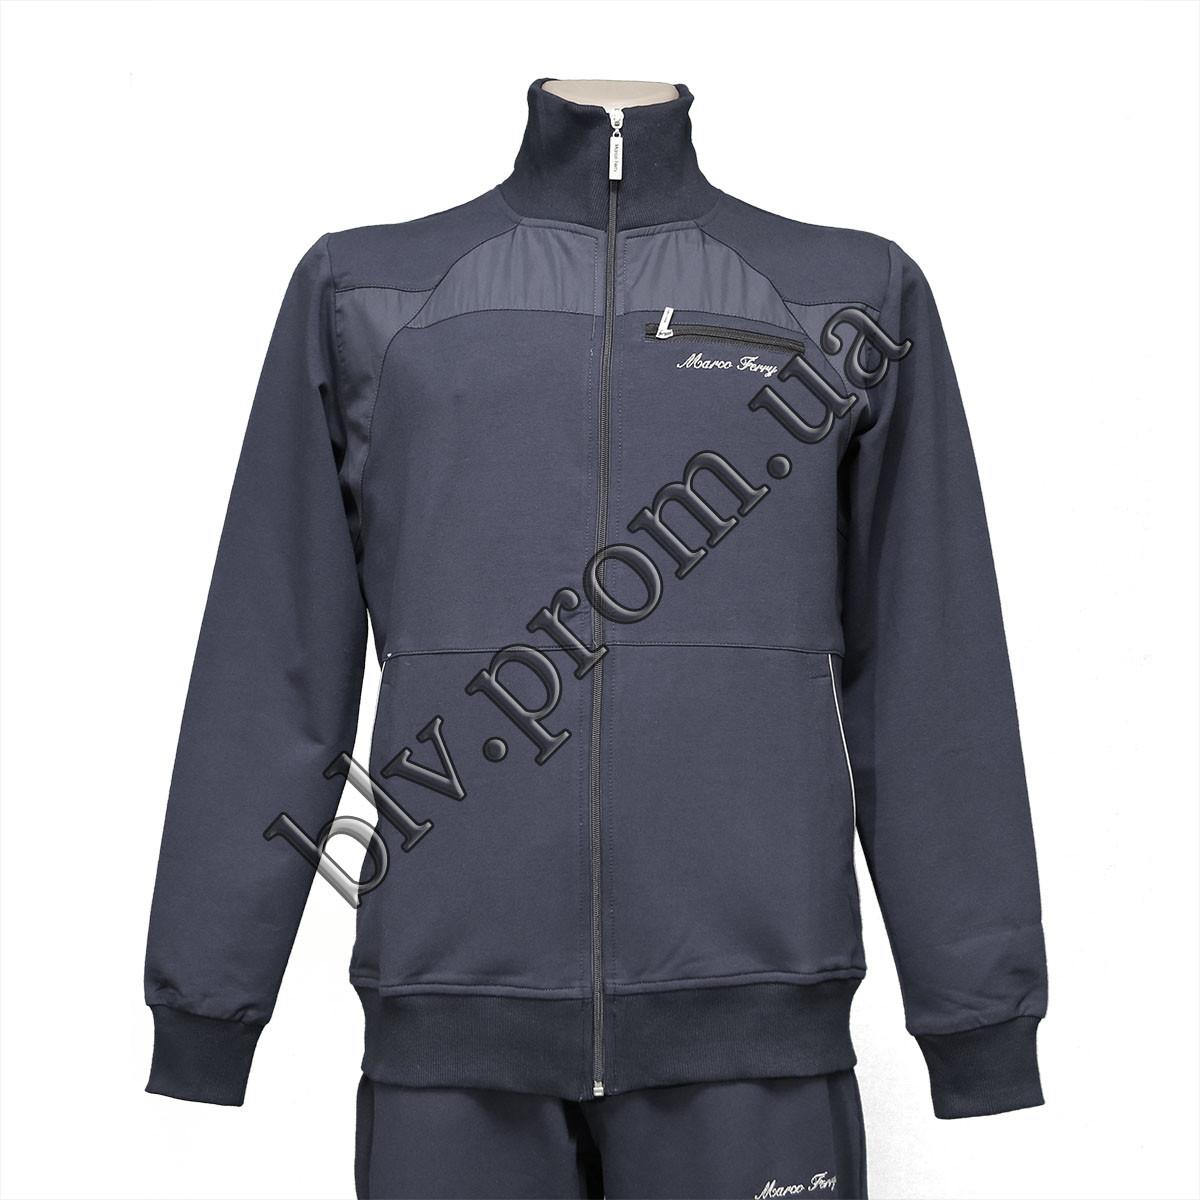 cc299826a0fb Трикотажный мужской спортивный костюм пр-во Турция FM14650 оптом и в  розницу, ...